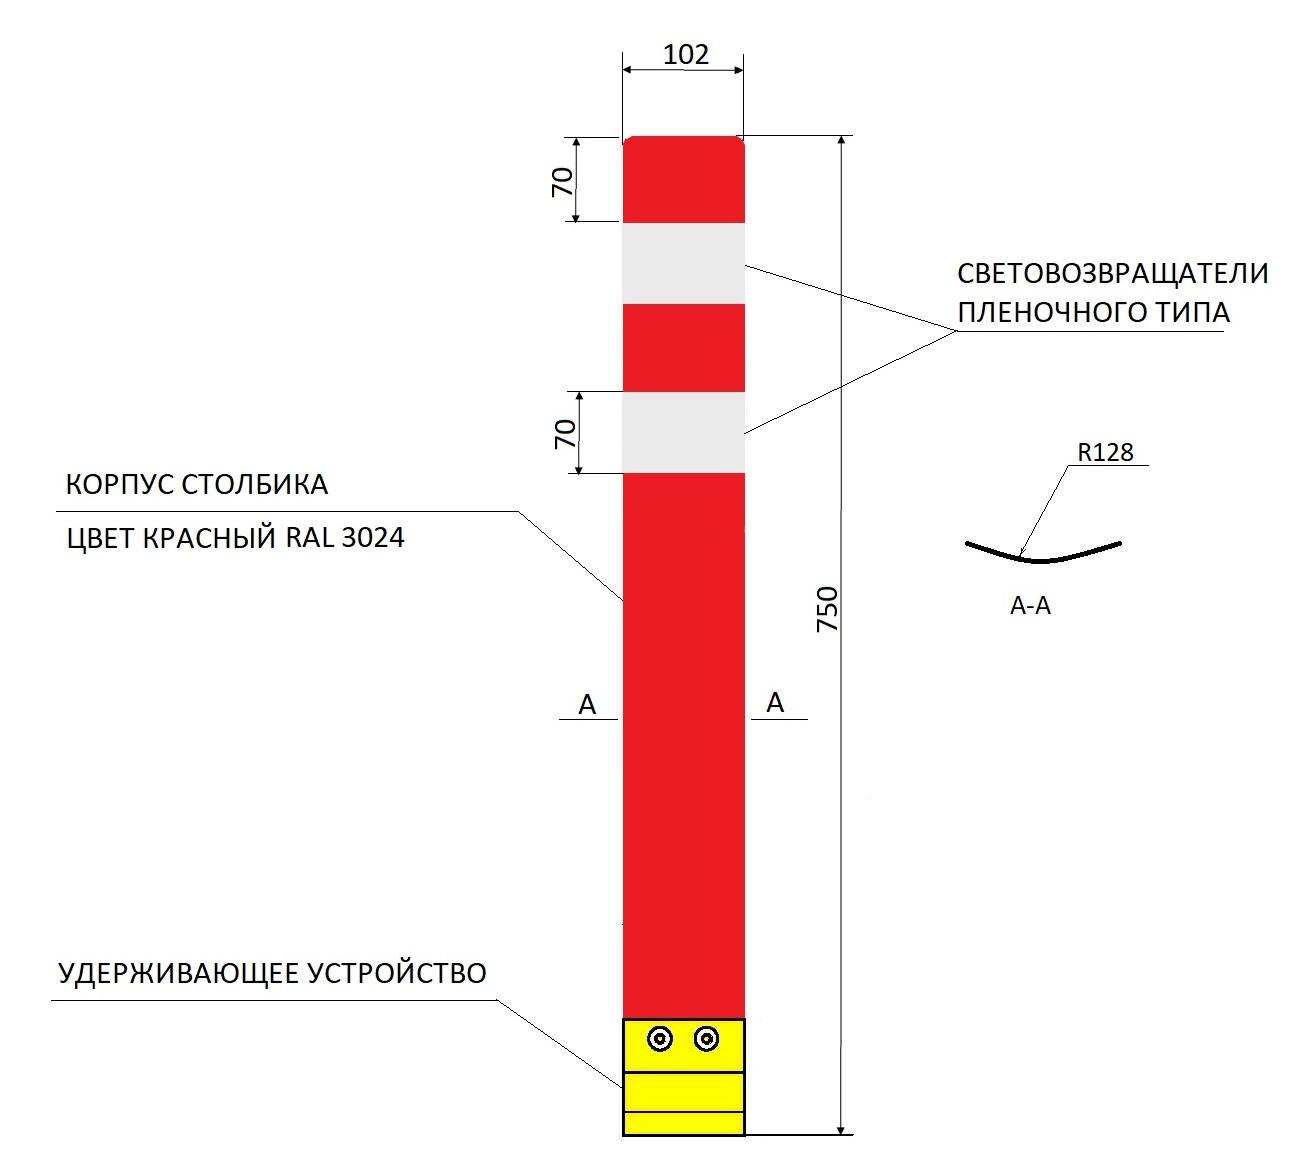 Столбик СЗП (стилфлекс) на основании класного цвета с размерами